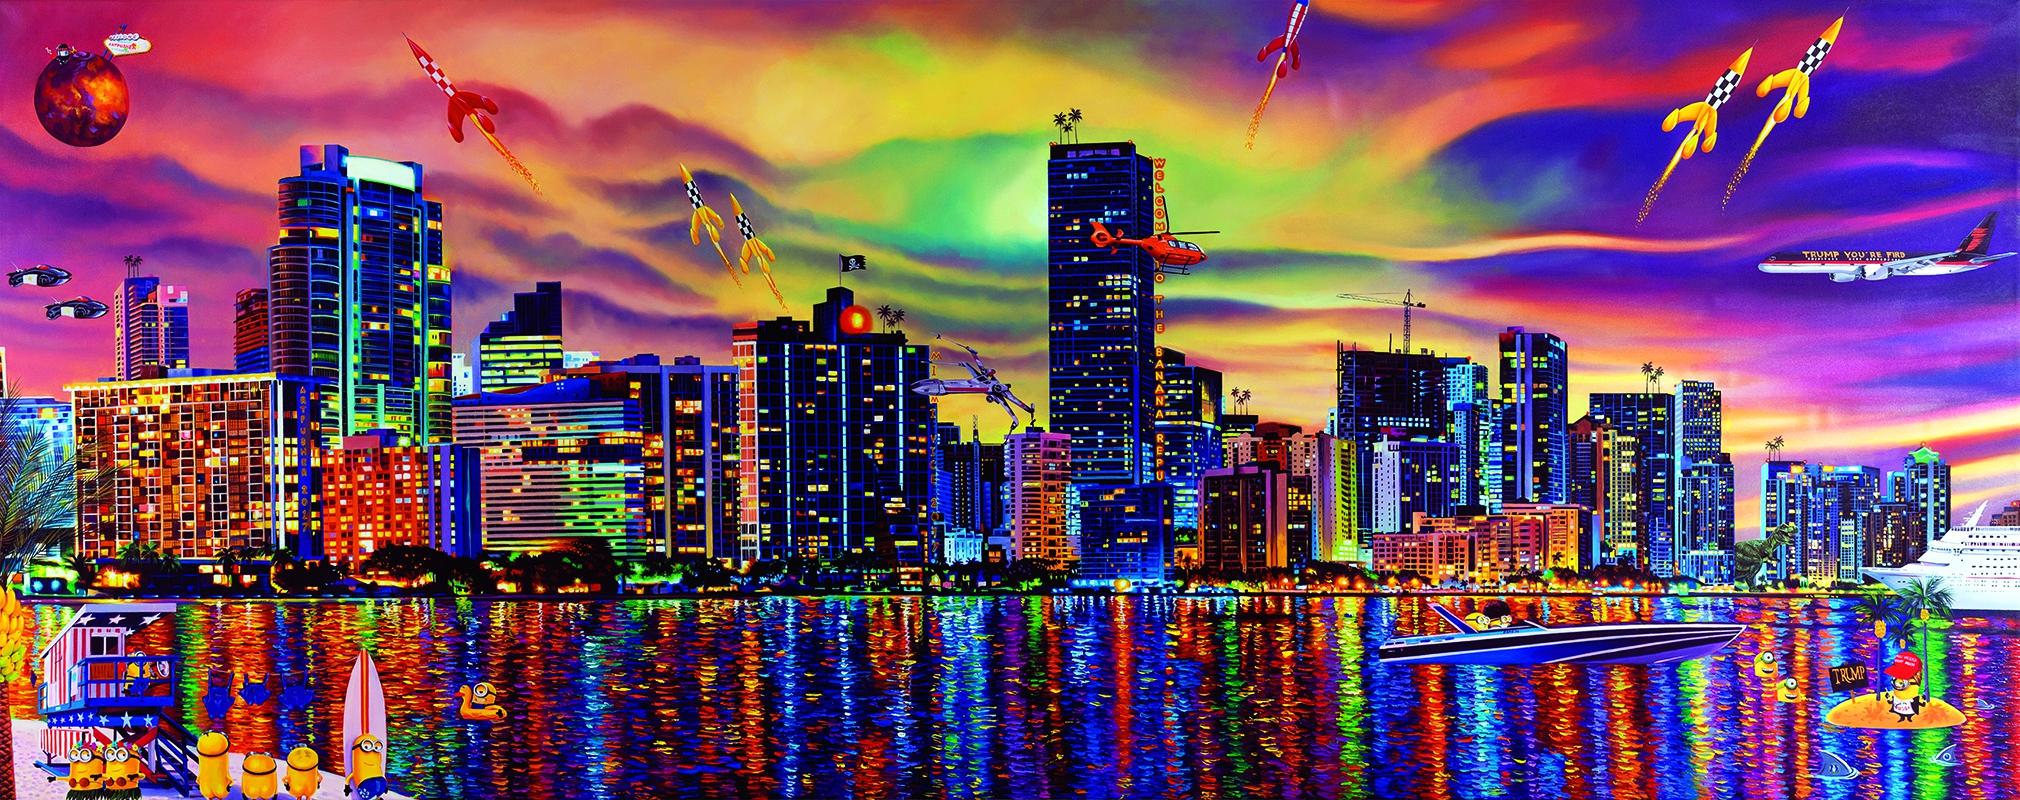 Bilde av Miami Spice Av Artpusher